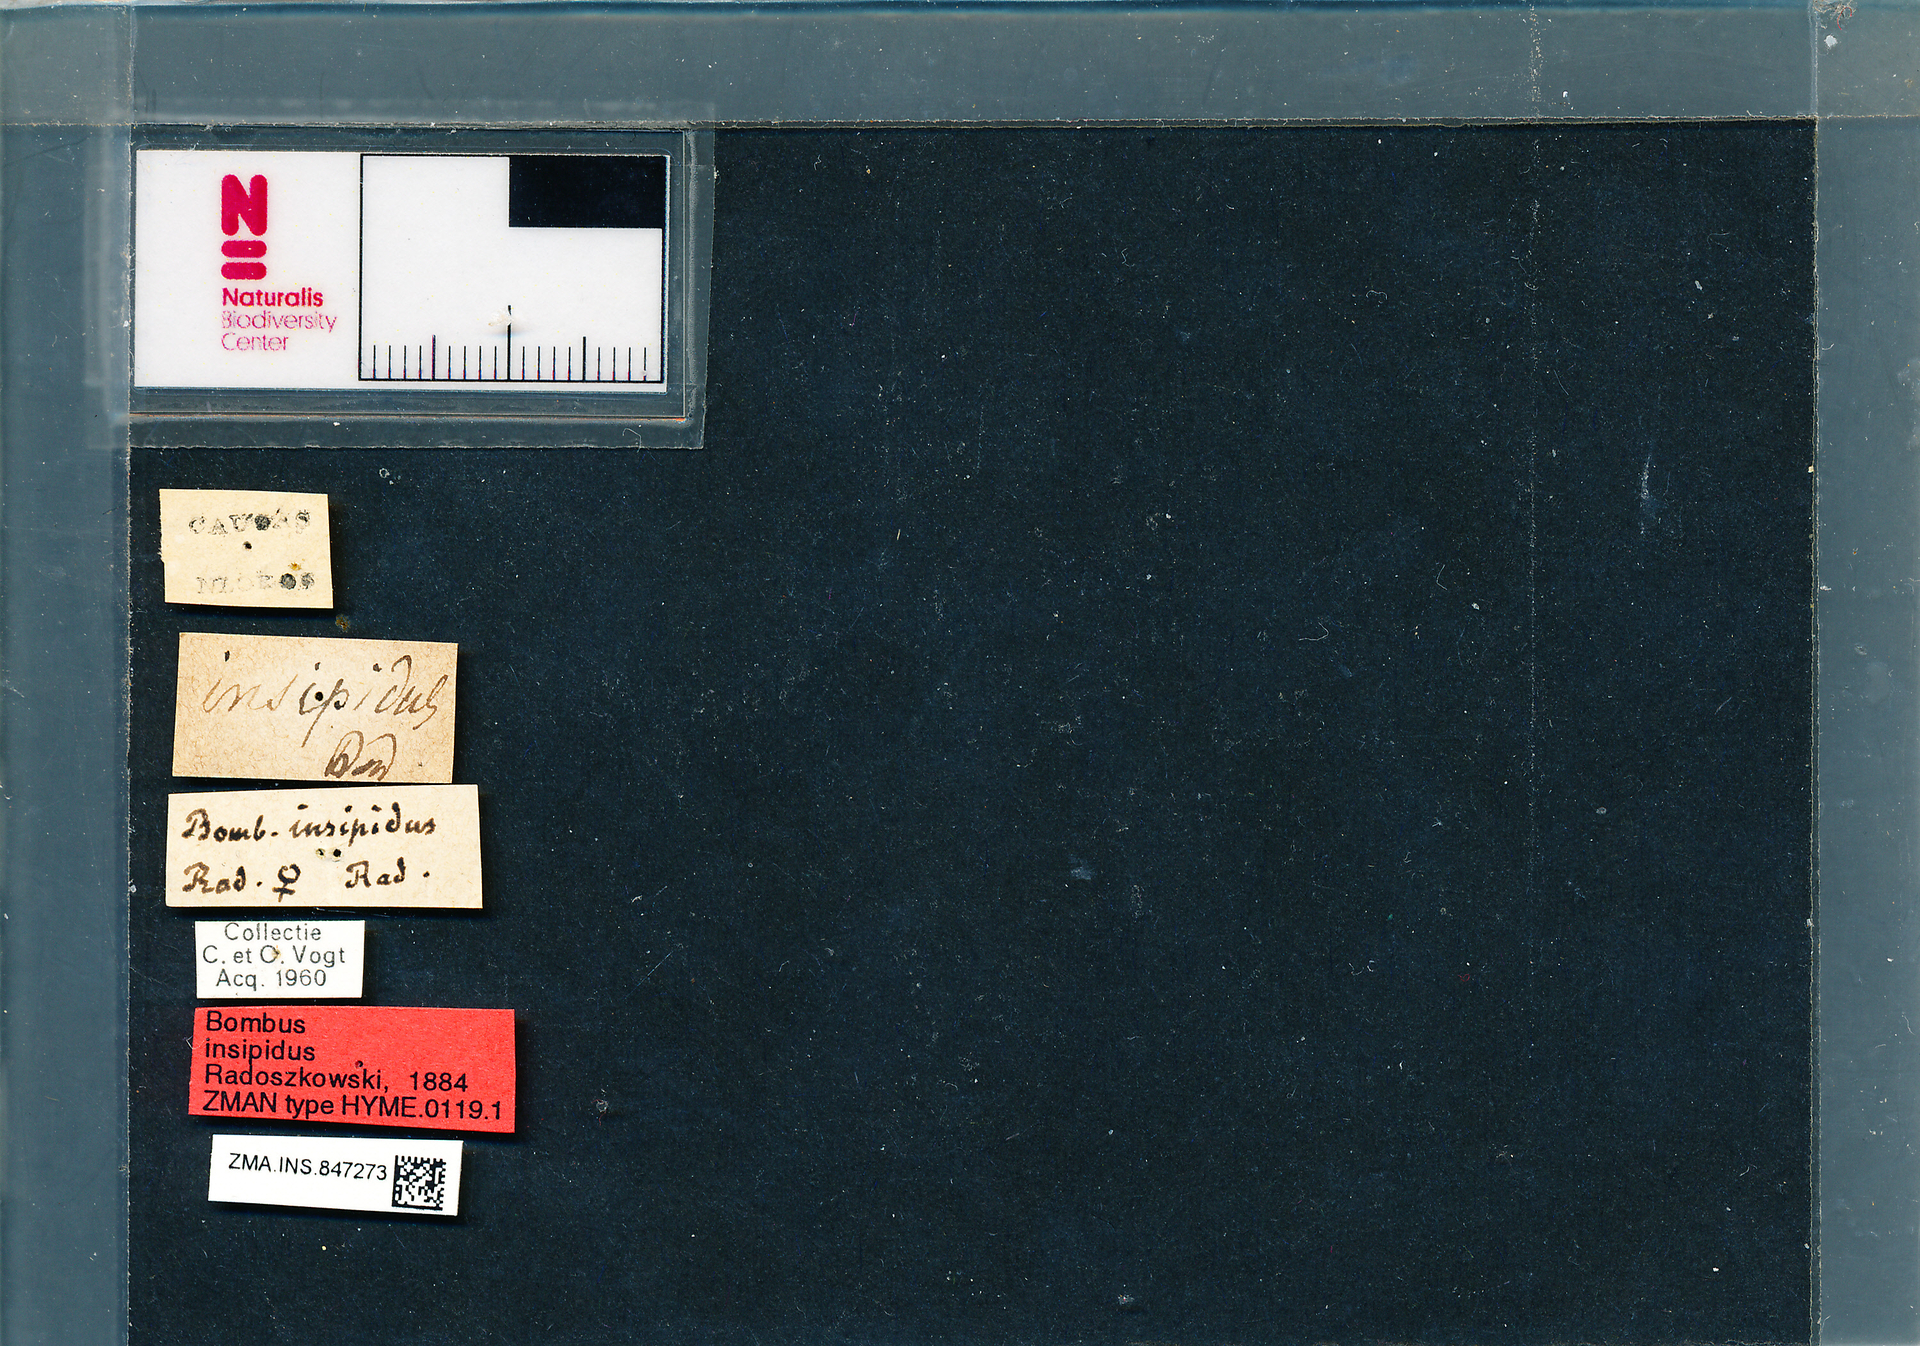 ZMA.INS.847273 | Bombus (Thoracobombus) humilis insipidus Radoszkowski, 1884